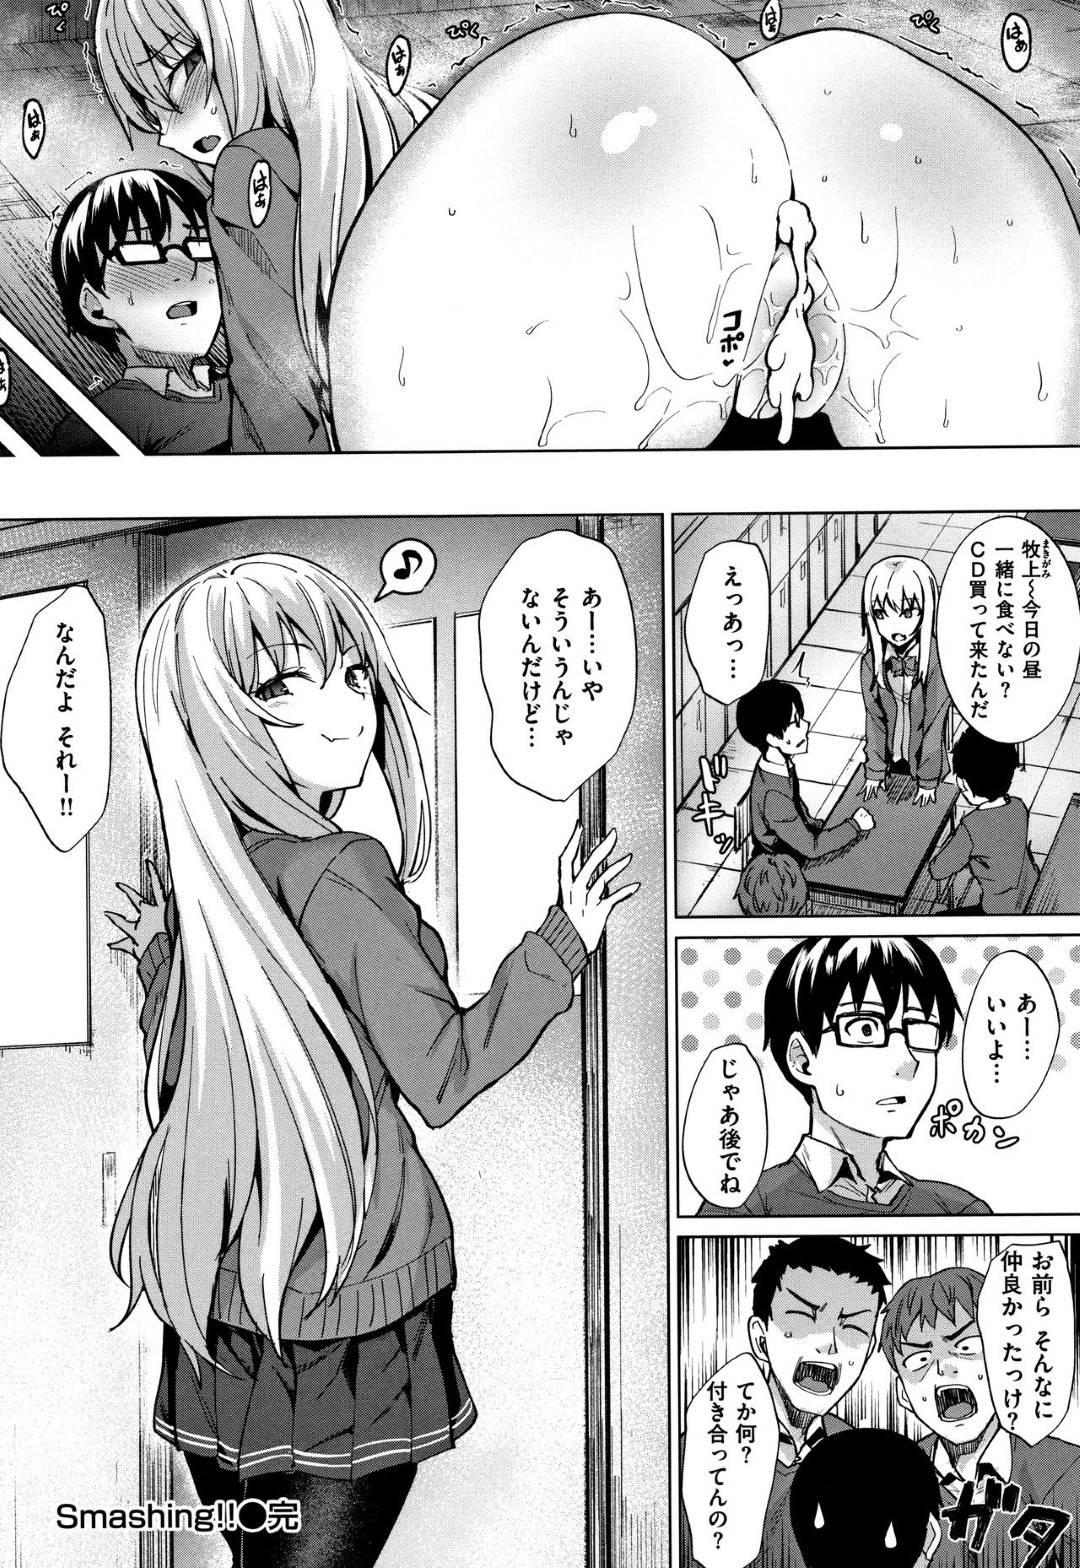 【エロ漫画】ひょんな事から同級生の男子とセックスする関係となったギャルJK…彼を放課後の屋上へと呼び出した彼女はそのまま屋上で野外セックスする!【こっぺ:Smashing!!2】